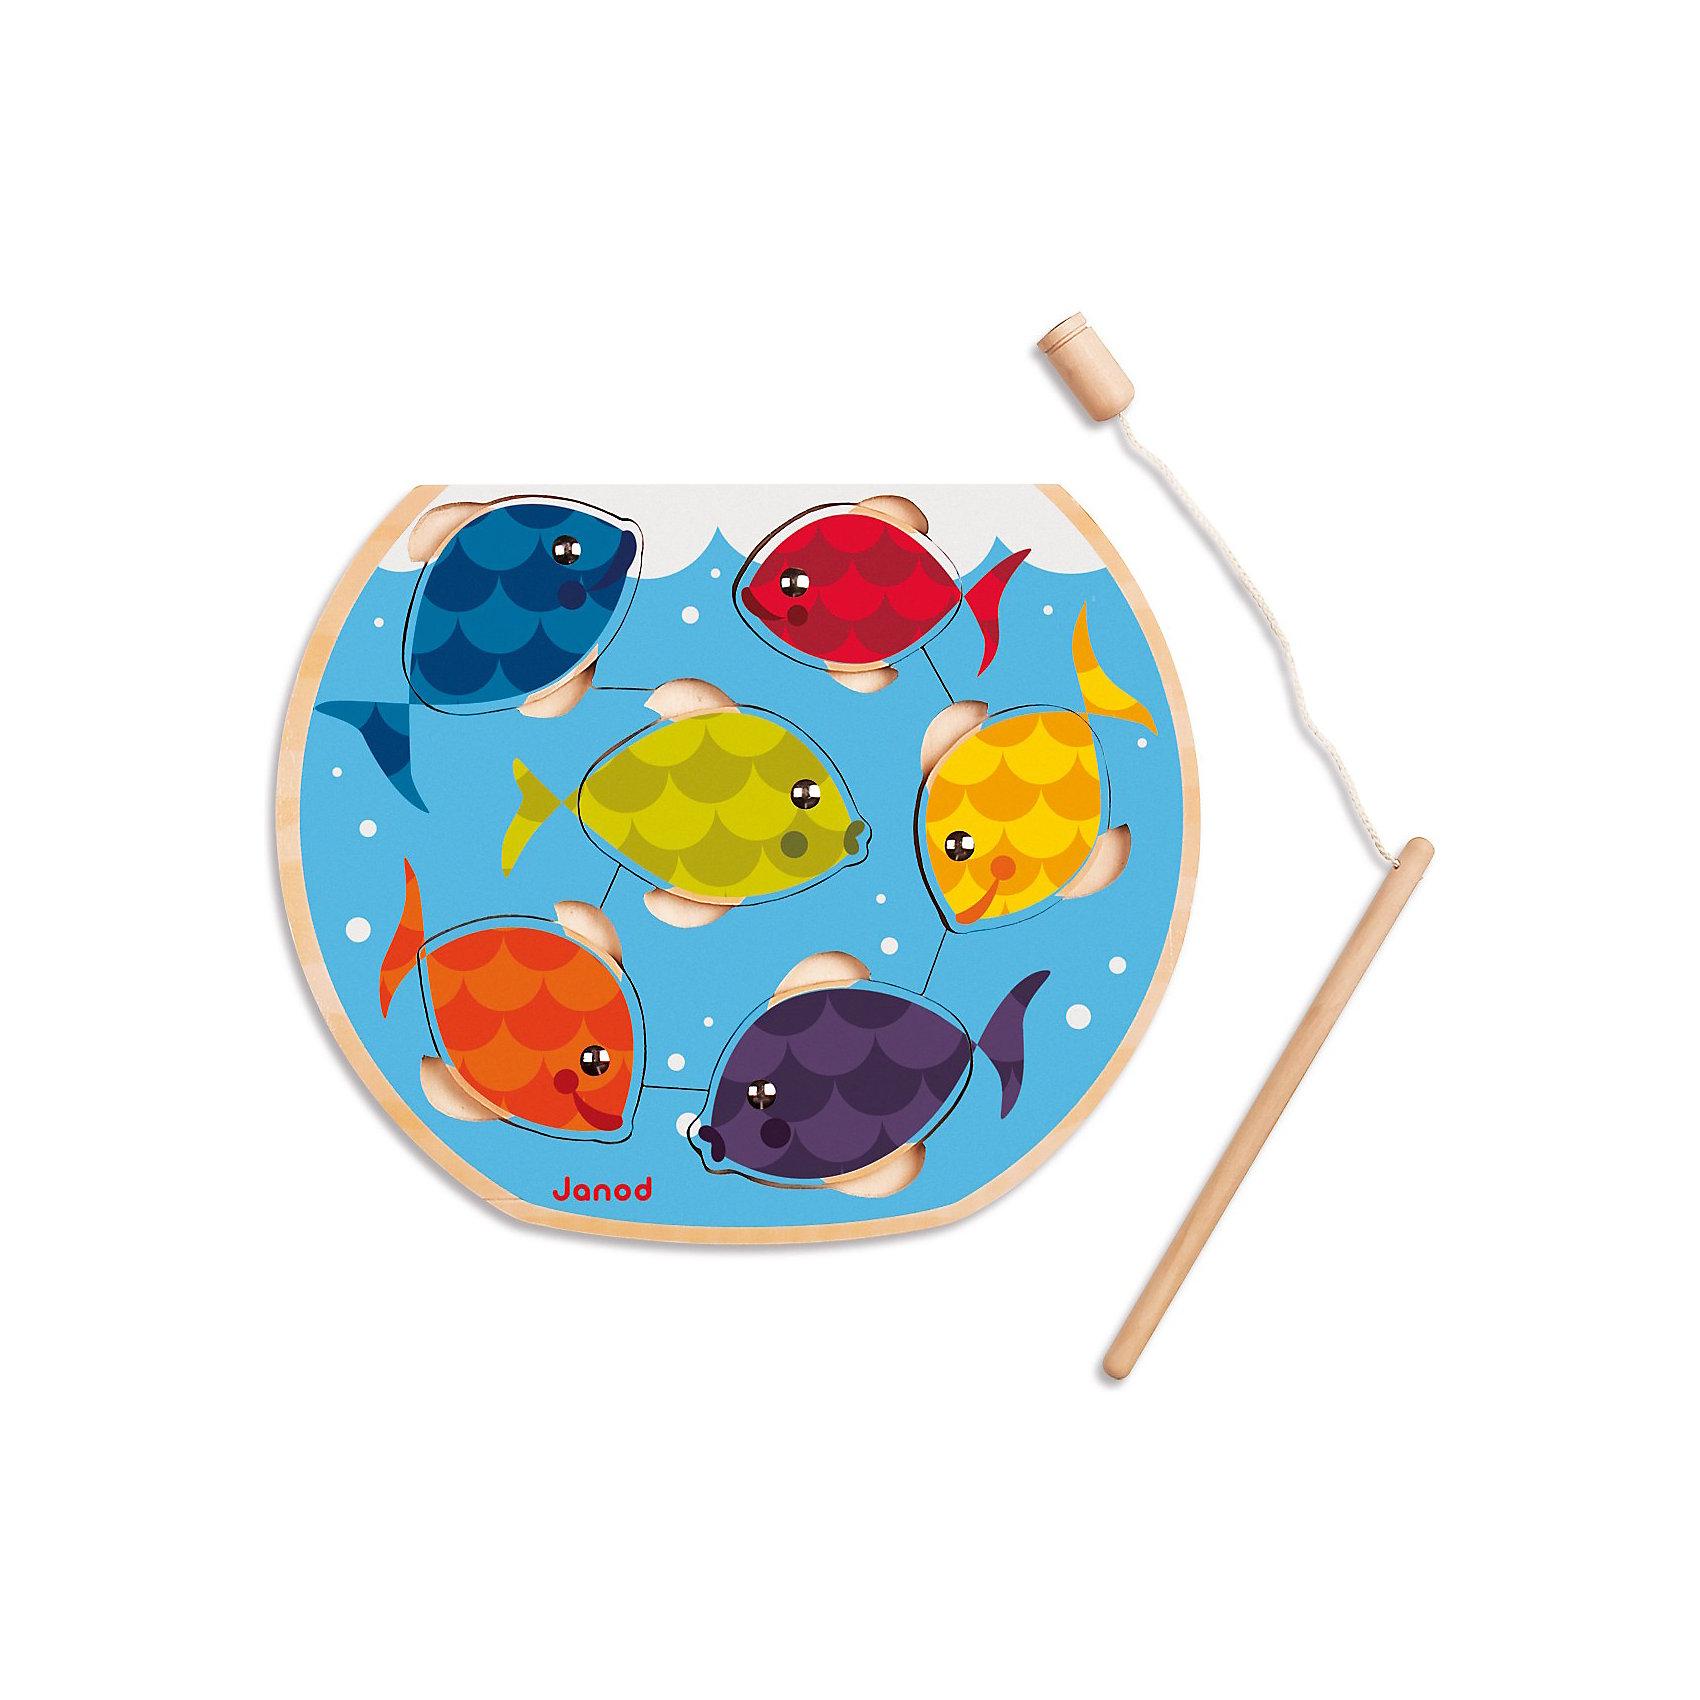 Магнитный пазл с удочкой Рыбалка, JanodПазлы - отличный способ развивать способности ребенка в игровой форме. Собирать разные изображения из деталей - любимое занятие многих детей. Эта игра очень удобна - ее можно брать с собой в дорогу, благодаря продуманной форме хранится она очень компактно. Она развивает также мелкую моторику, воображение, логическое мышление, цветовосприятие. Такая игра надолго занимает детей и помогает увлекательно провести время!<br>Пазл из магнитов Рыбалка состоит всего из 6 деталей-рыбок, для которых малыш должен найти место в аквариуме или выловить удочкой. Игрушка изготовлена из дерева, выкрашенного яркими красками на водной основе; все края закруглены. Игра разработана опытными специалистами, сделана из высококачественных материалов, безопасных для детей.<br><br>Дополнительная информация:<br><br>материал: дерево, текстиль, магнит, металл;<br>размер пазла: 270 х 220 х 10 мм;<br>размер упаковки: 28 х 23,5 х 2 см;<br>комплектация:  основа , 6 элементов пазла, удочка.<br><br>Магнитный пазл с удочкой Рыбалка от компании Janod можно купить в нашем магазине.<br><br>Ширина мм: 271<br>Глубина мм: 241<br>Высота мм: 20<br>Вес г: 312<br>Возраст от месяцев: 18<br>Возраст до месяцев: 36<br>Пол: Унисекс<br>Возраст: Детский<br>Количество деталей: 6<br>SKU: 3219280